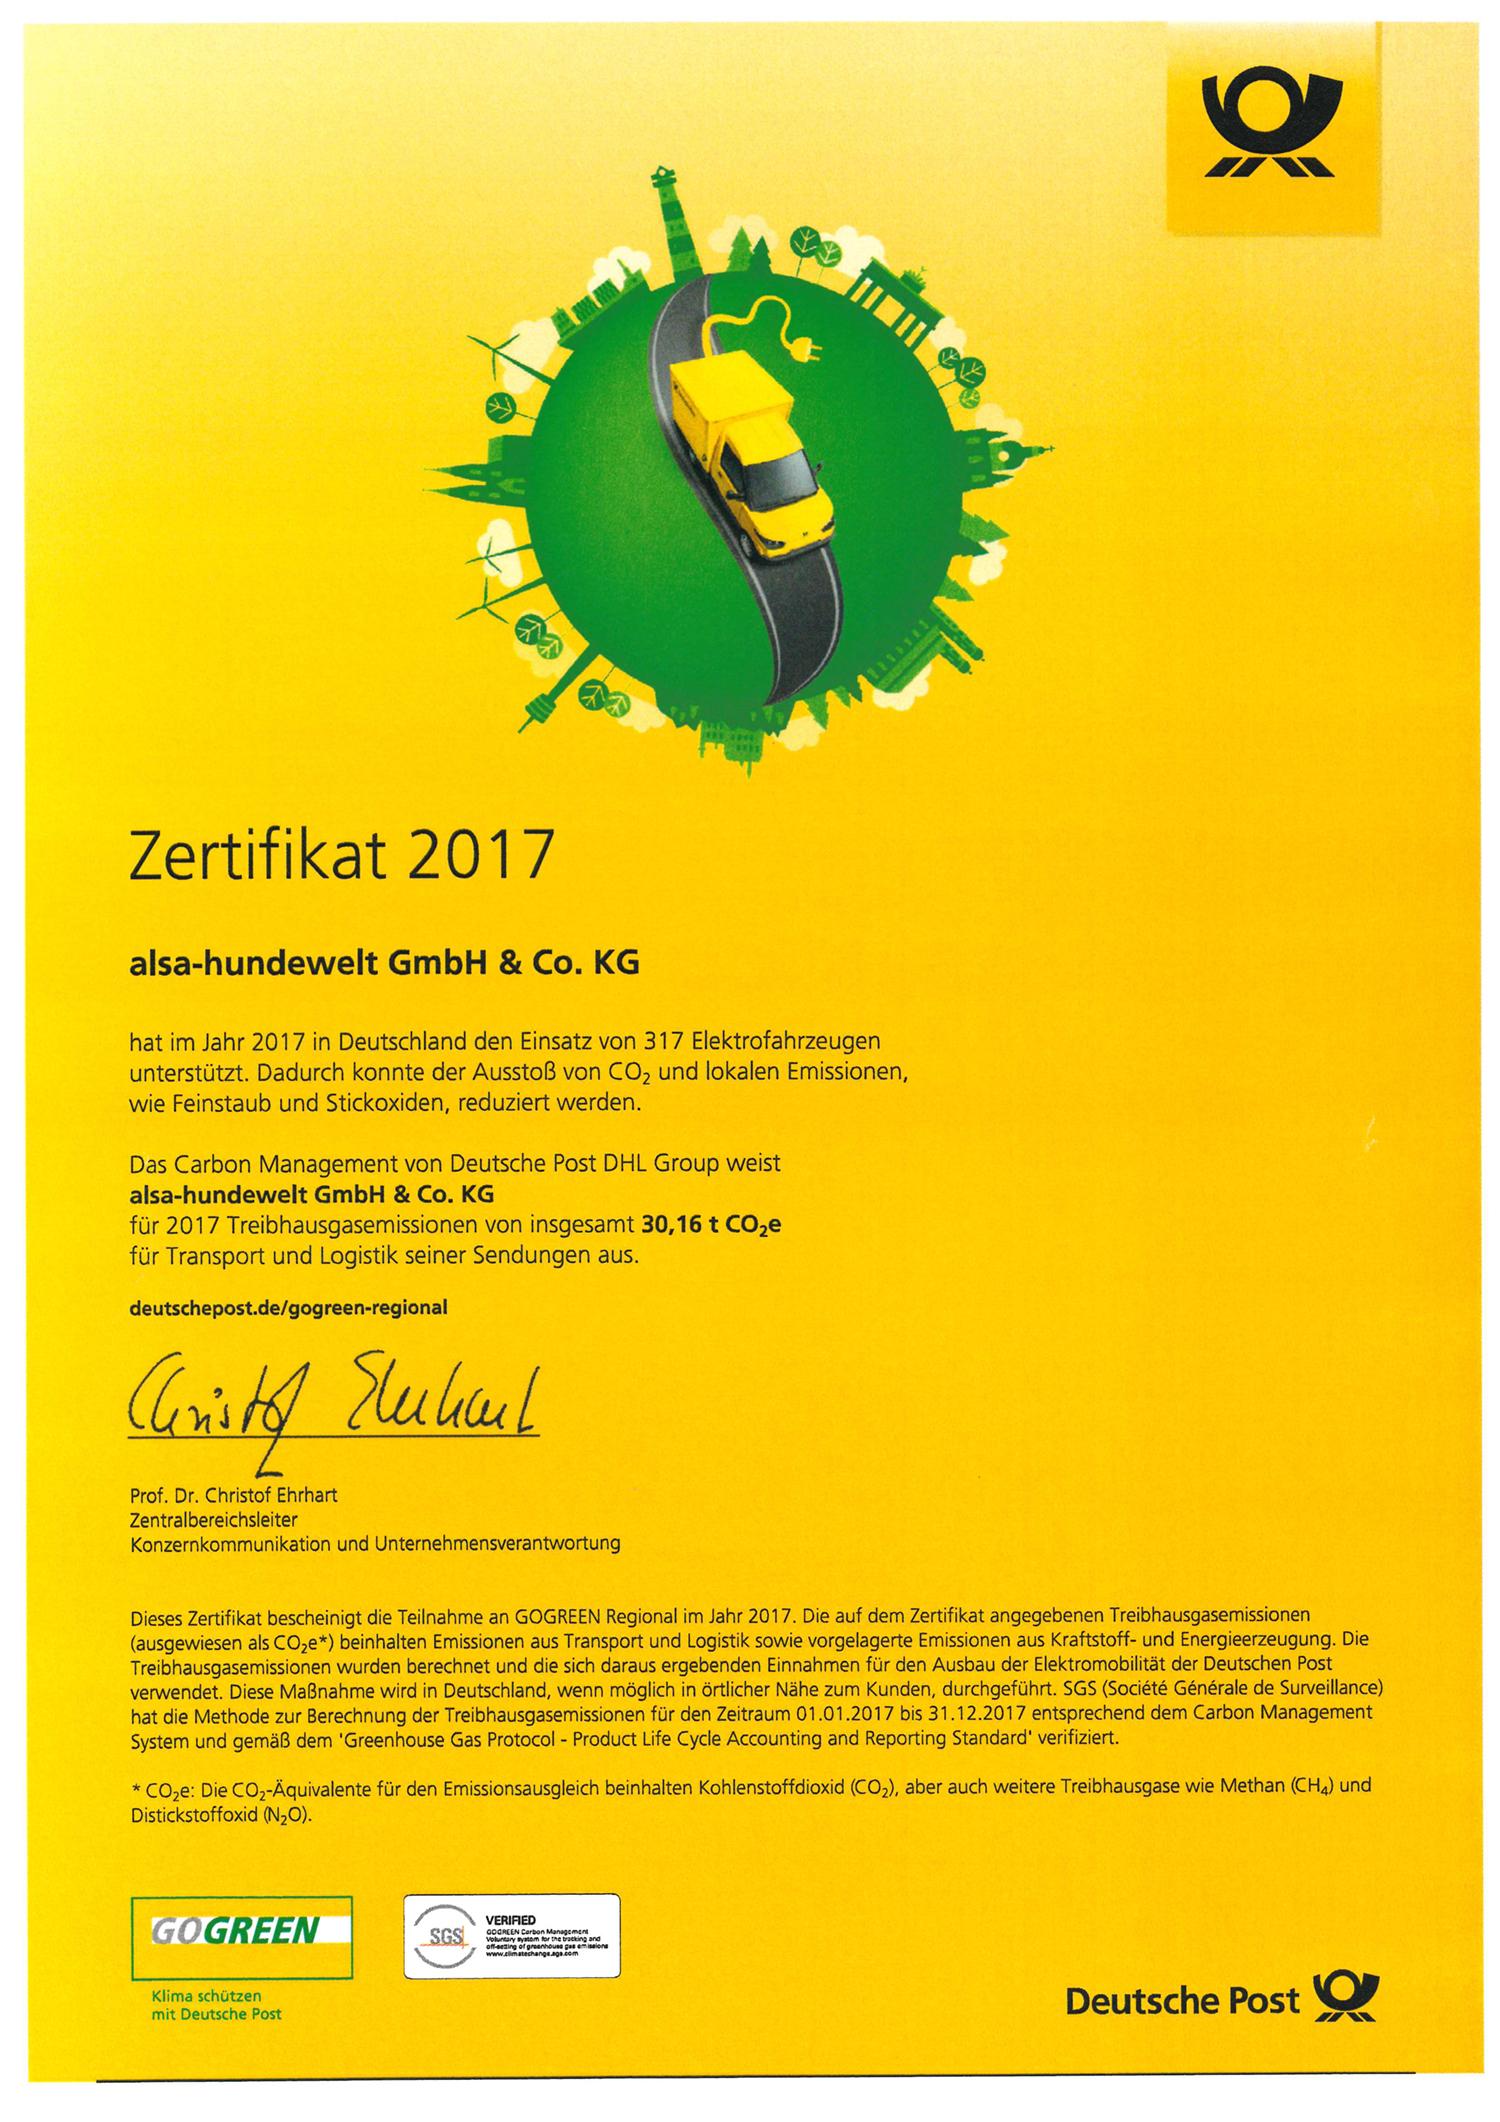 GOGREEN Zertifikat 2017